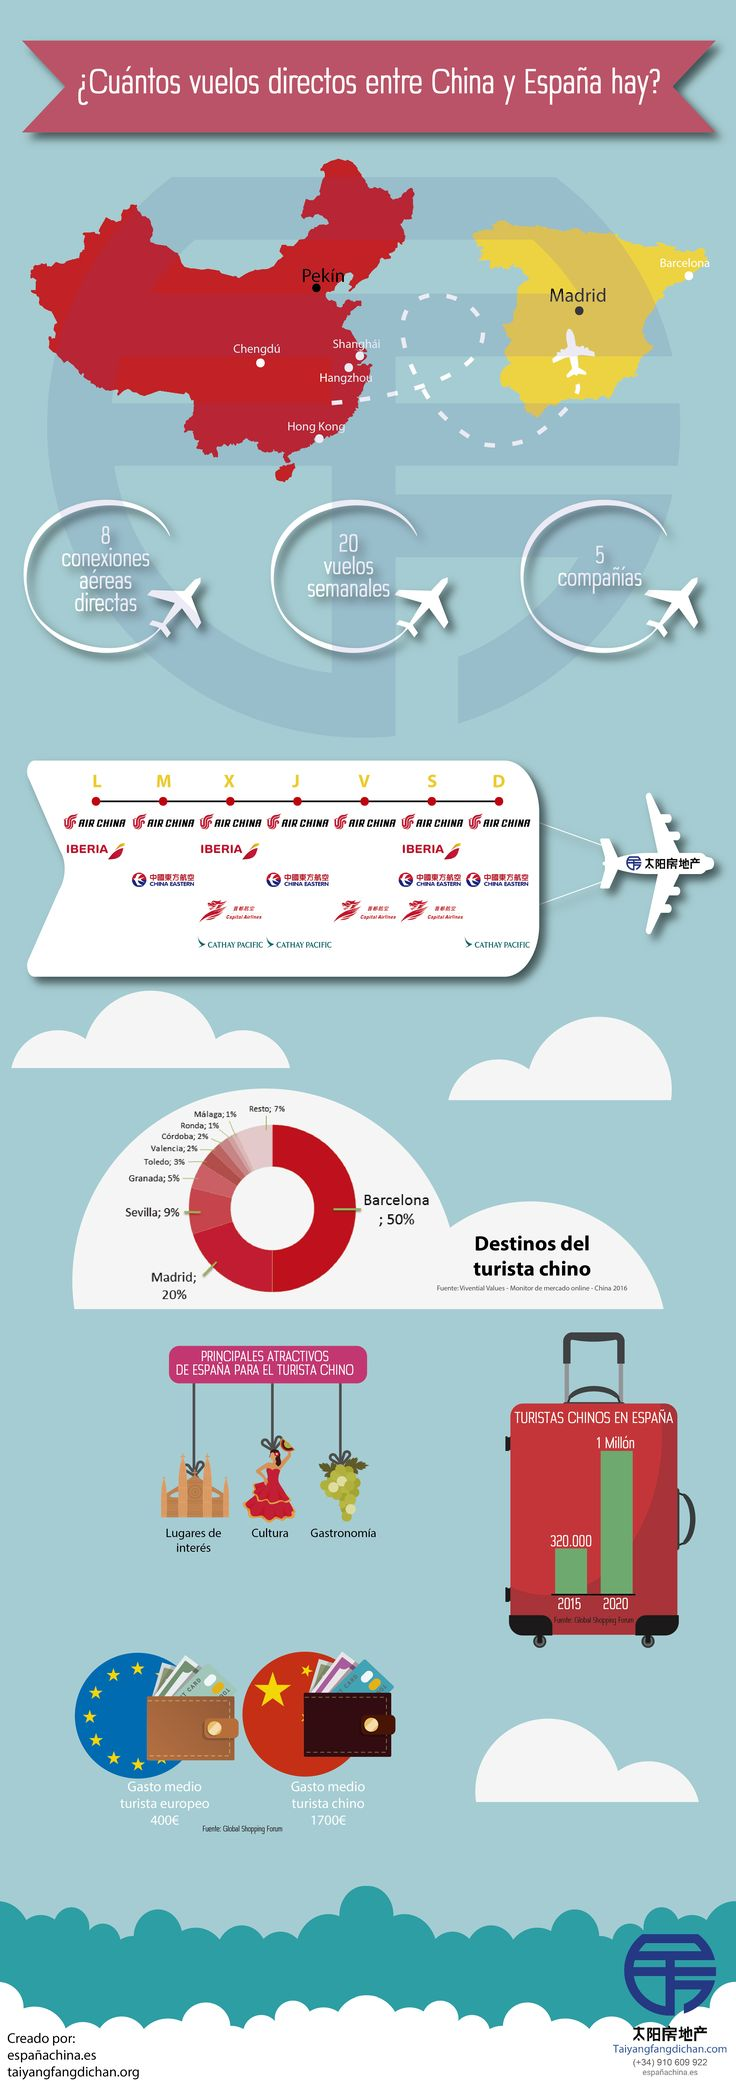 Infografía vuelos directos entre España y China. Datos del turismo chino